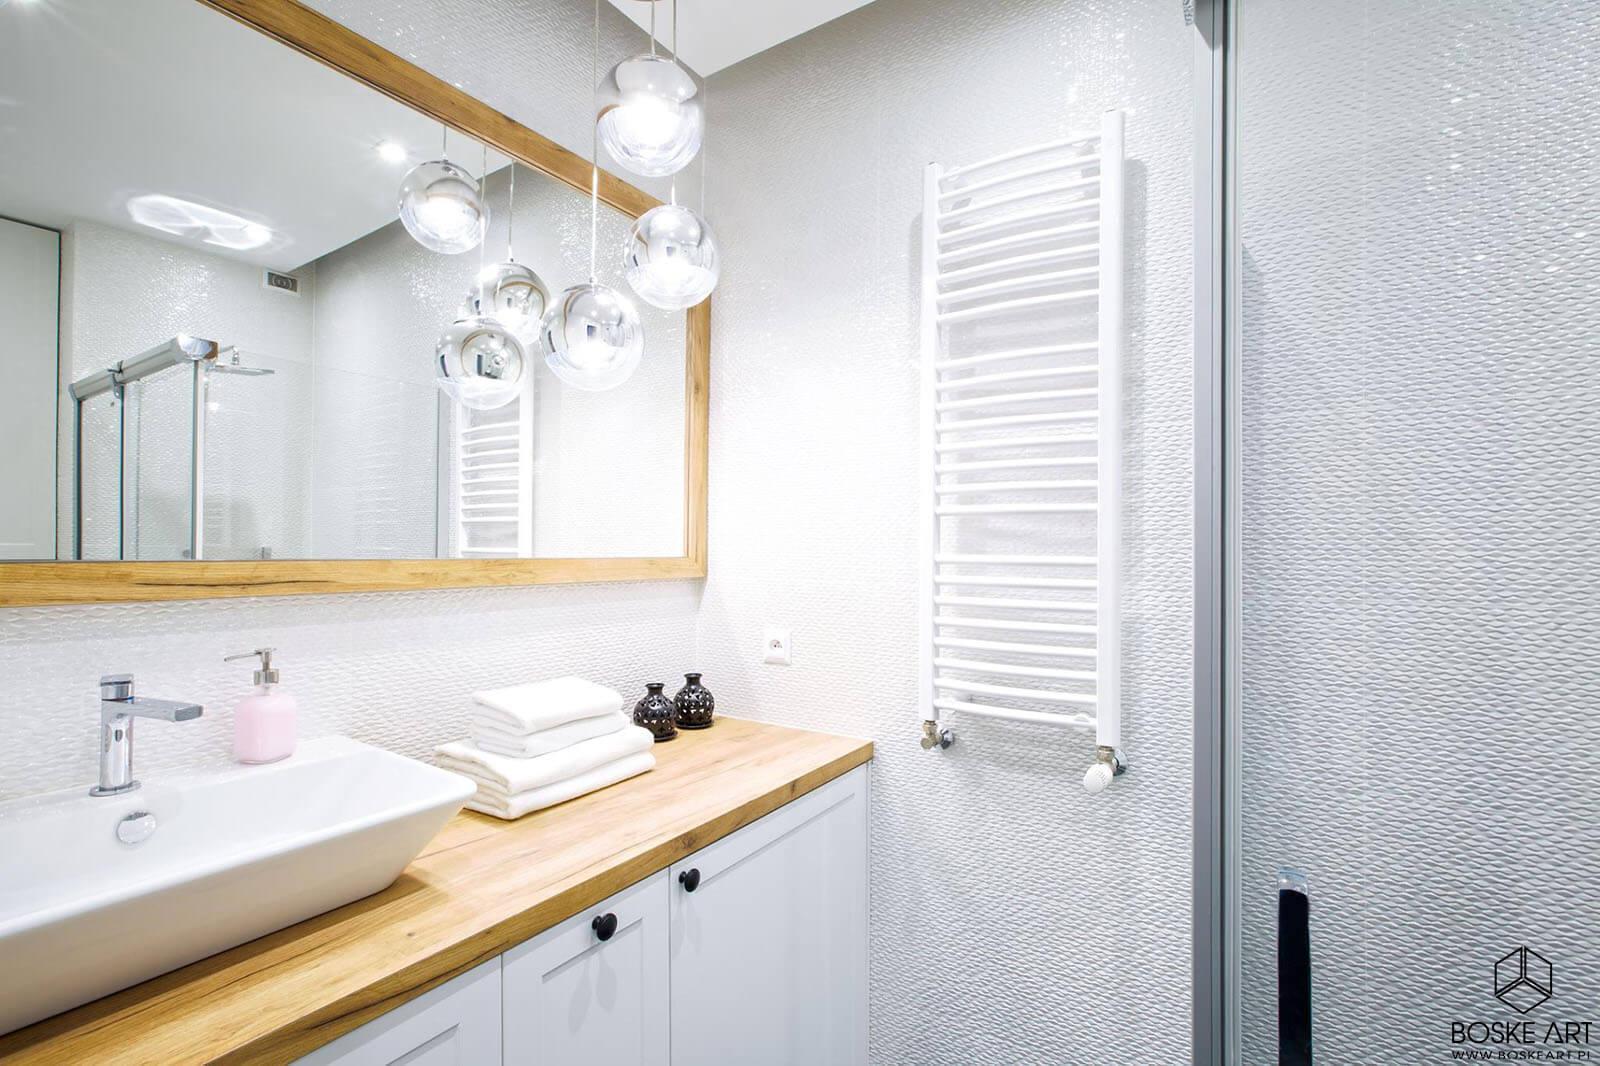 8_apartamenty_poznan_boske_art_projektowanie_aranzacja_architektura_wnetrz_natalia_robaszkeiwicz-min